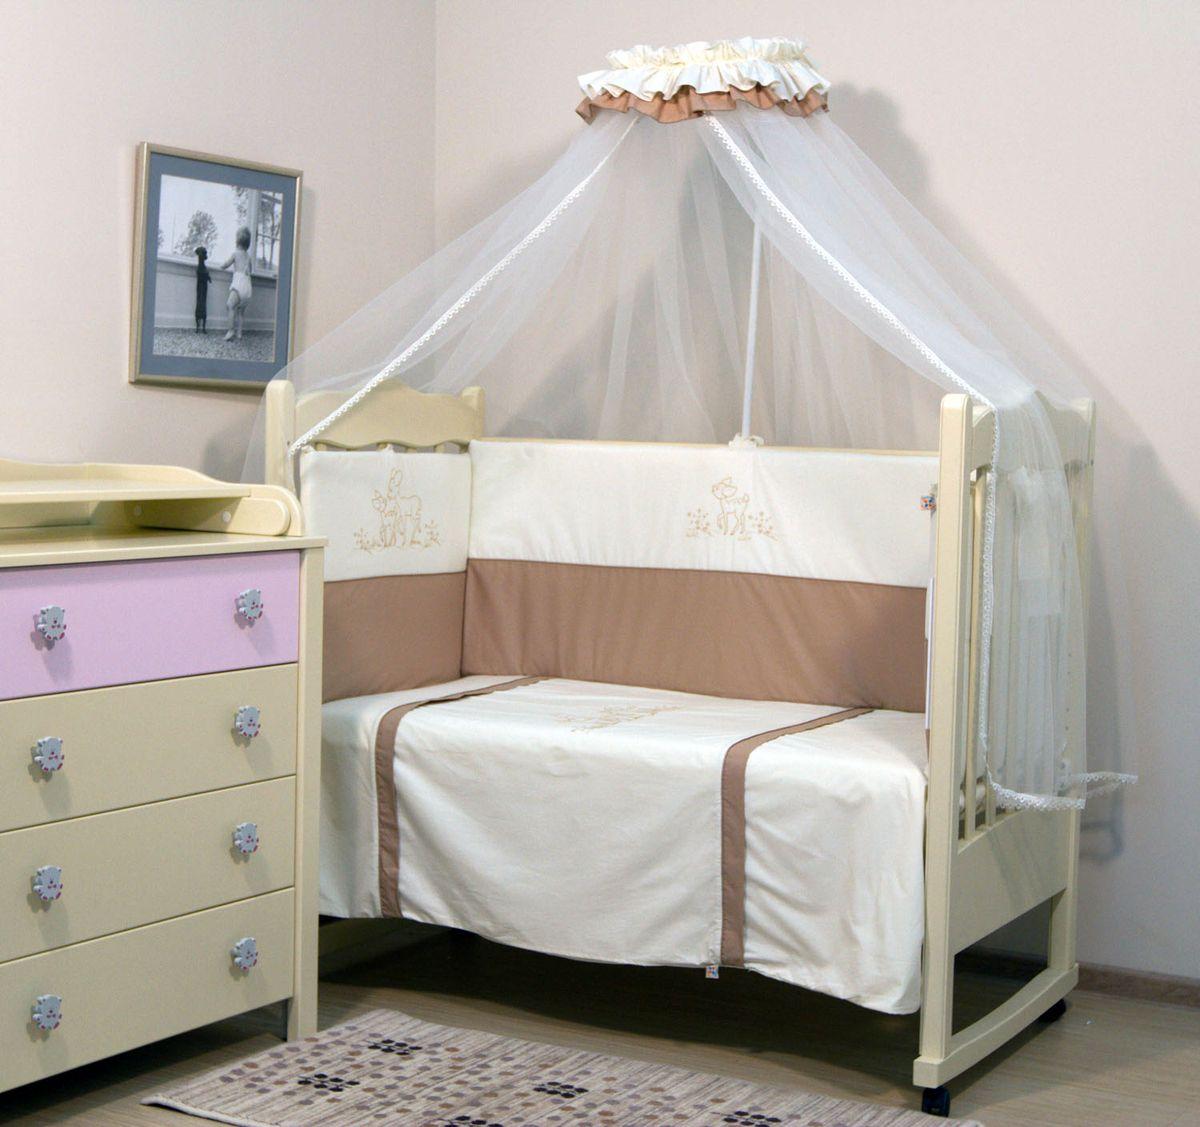 Топотушки Комплект детского постельного белья Бамбино цвет бежевый 7 предметов4630008873687Комплект постельного белья из 7 предметов включает все необходимые элементы для детской кроватки. Комплект создает для Вашего ребенка уют, комфорт и безопасную среду с рождения; современный дизайн и цветовые сочетания помогают ребенку адаптироваться в новом для него мире. Комплекты «Топотушки» хорошо вписываются в интерьер как детской комнаты, так и спальни родителей. Как и все изделия «Топотушки» данный комплект отражает самые последние технологии, является безопасным для малыша и экологичным. Российское происхождение комплекта гарантирует стабильно высокое качество, соответствие актуальным пожеланиям потребителей, конкурентоспособную цену. Балдахин 5м (сетка); охранный бампер 360х50см. (из 4-х частей, наполнитель – холлофайбер); подушка 40х60см. (наполнитель – холлофайбер); одеяло 140х110см. (наполнитель – холлофайбер); наволочка 40х60см; пододеяльник 147х112см; простынь на резинке 120х60см